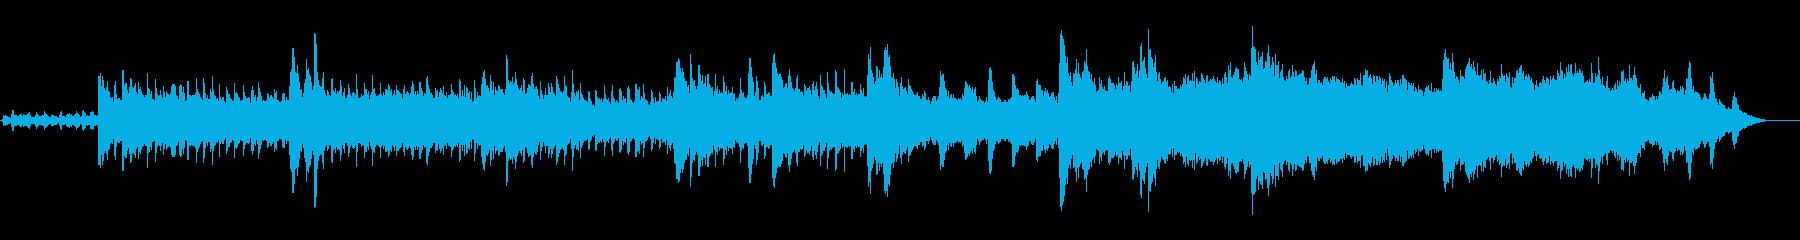 未来へ羽ばたく様な優しいショートBGMの再生済みの波形